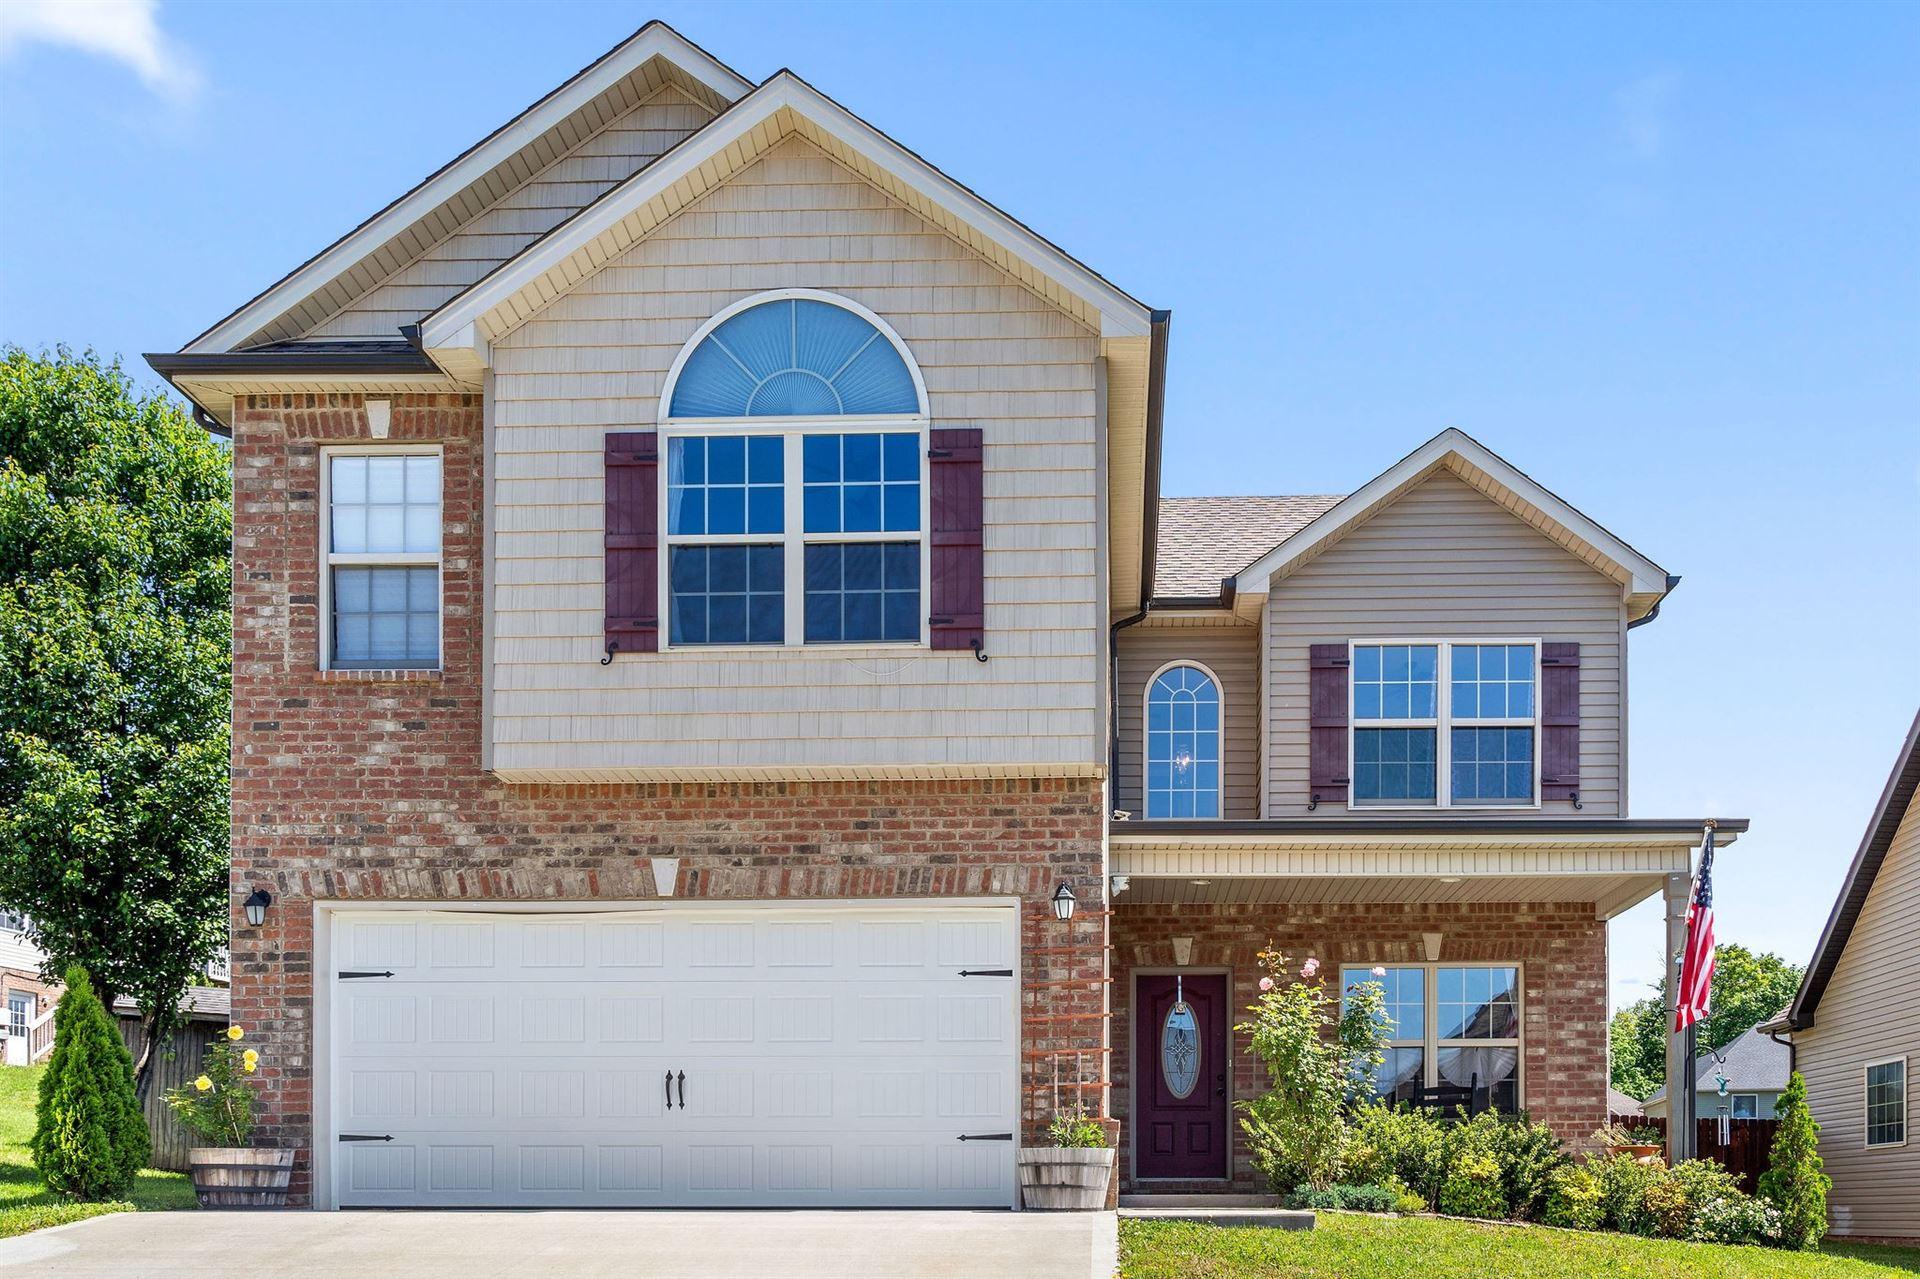 1505 Osage Ct, Clarksville, TN 37042 - MLS#: 2252680